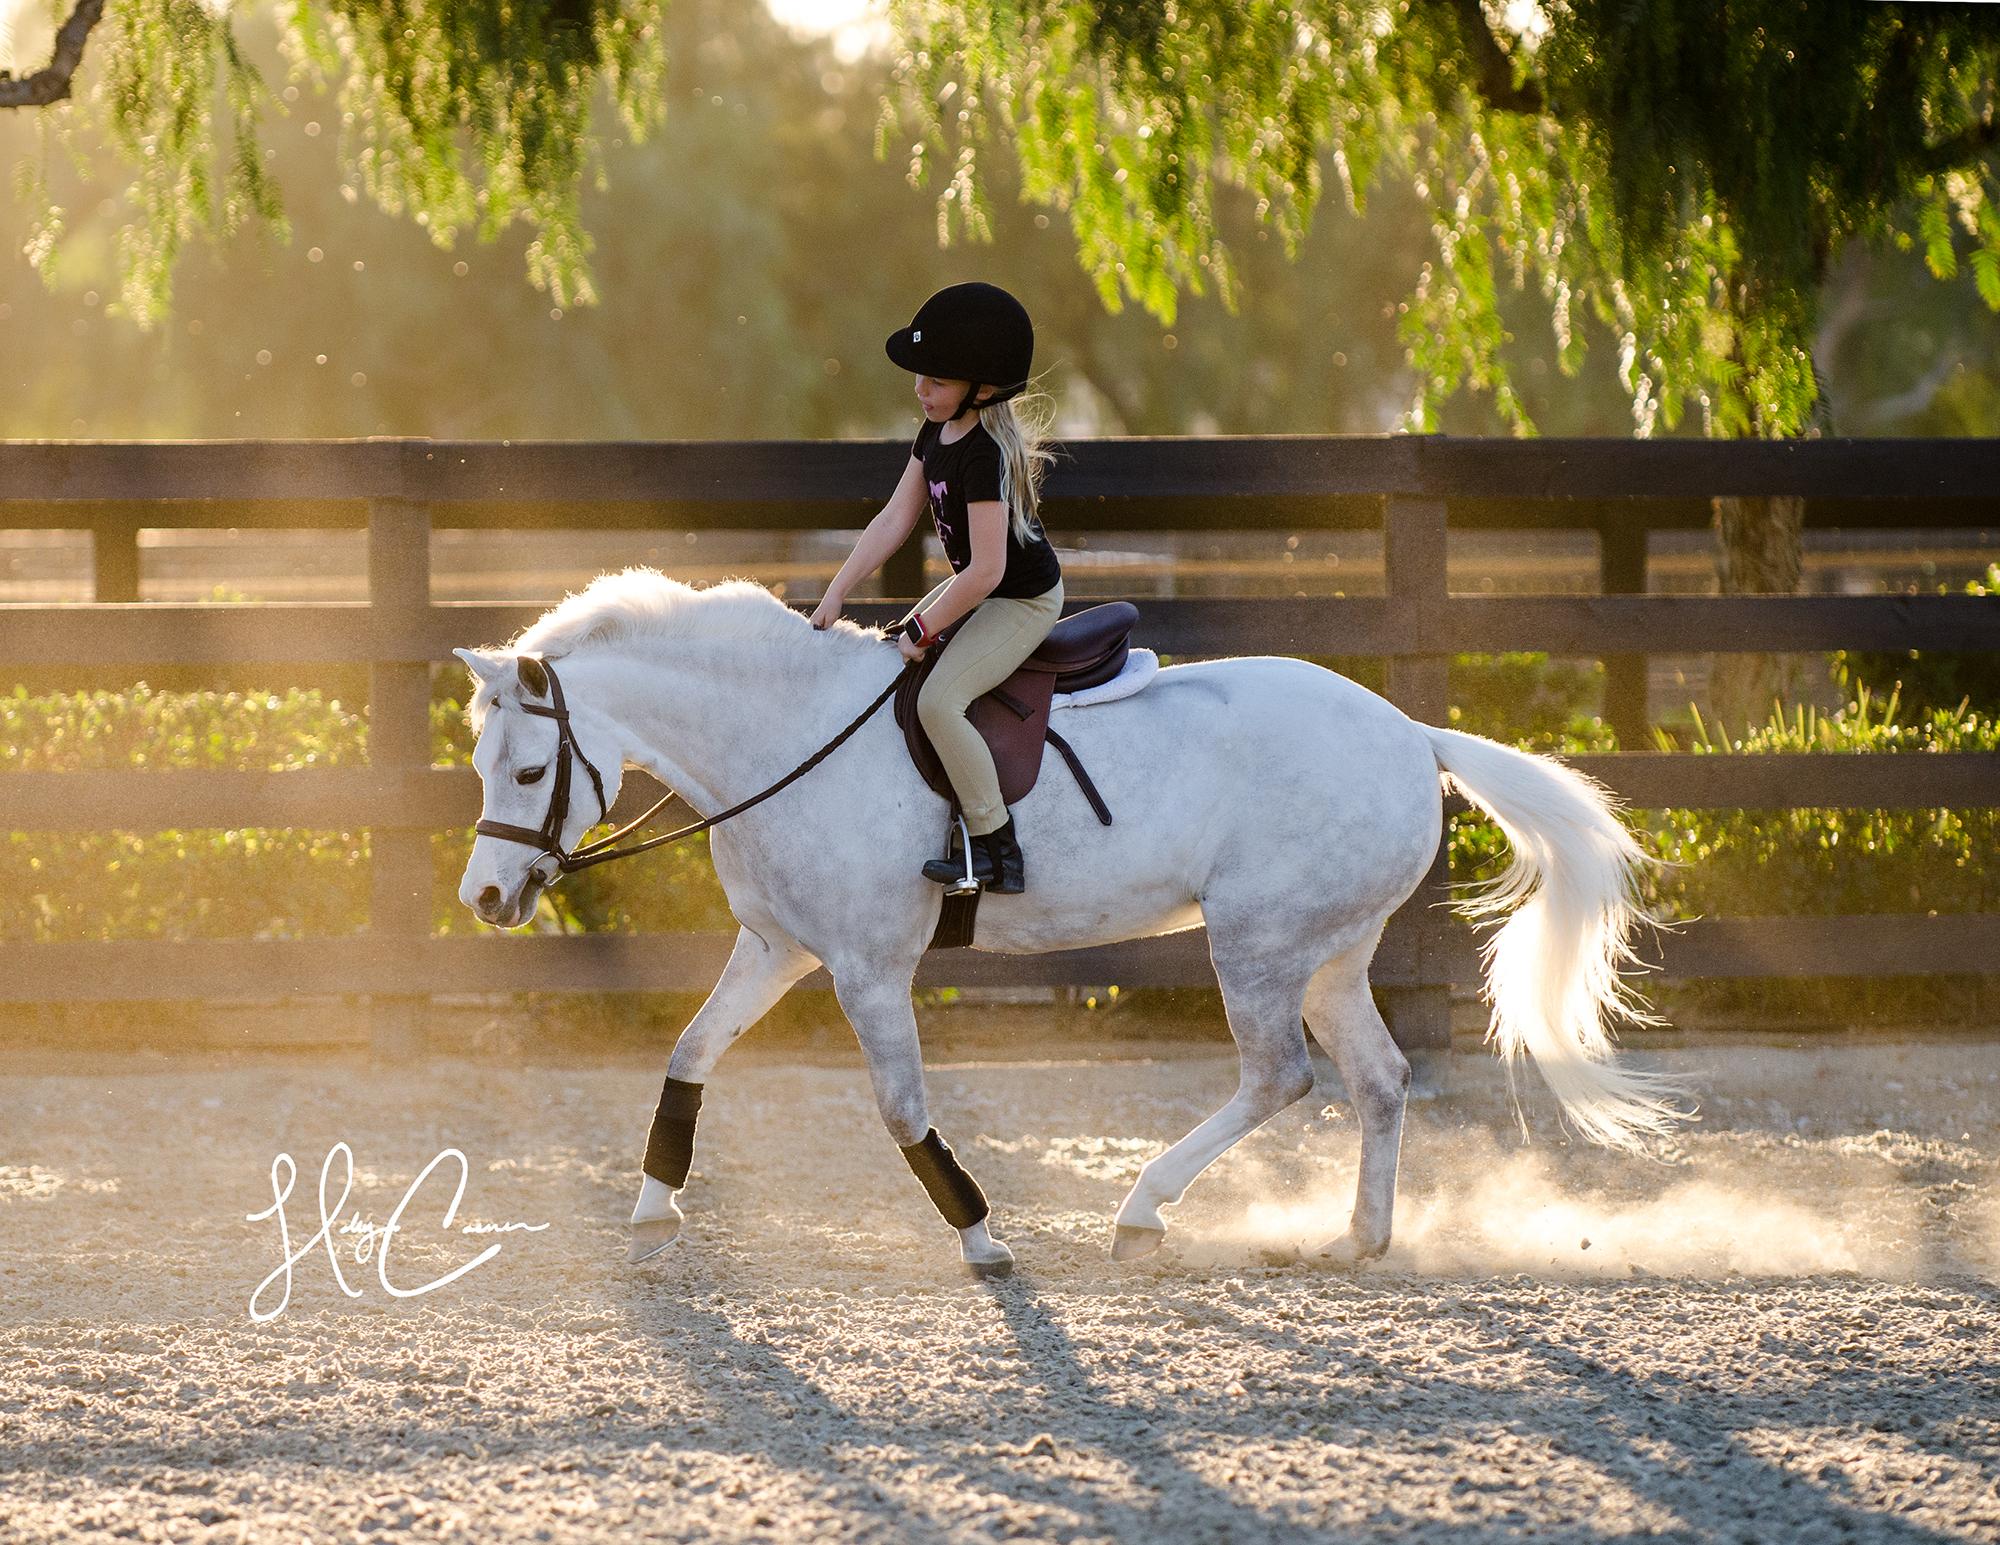 holly casner the equestrian photographer 171 nwequinecom